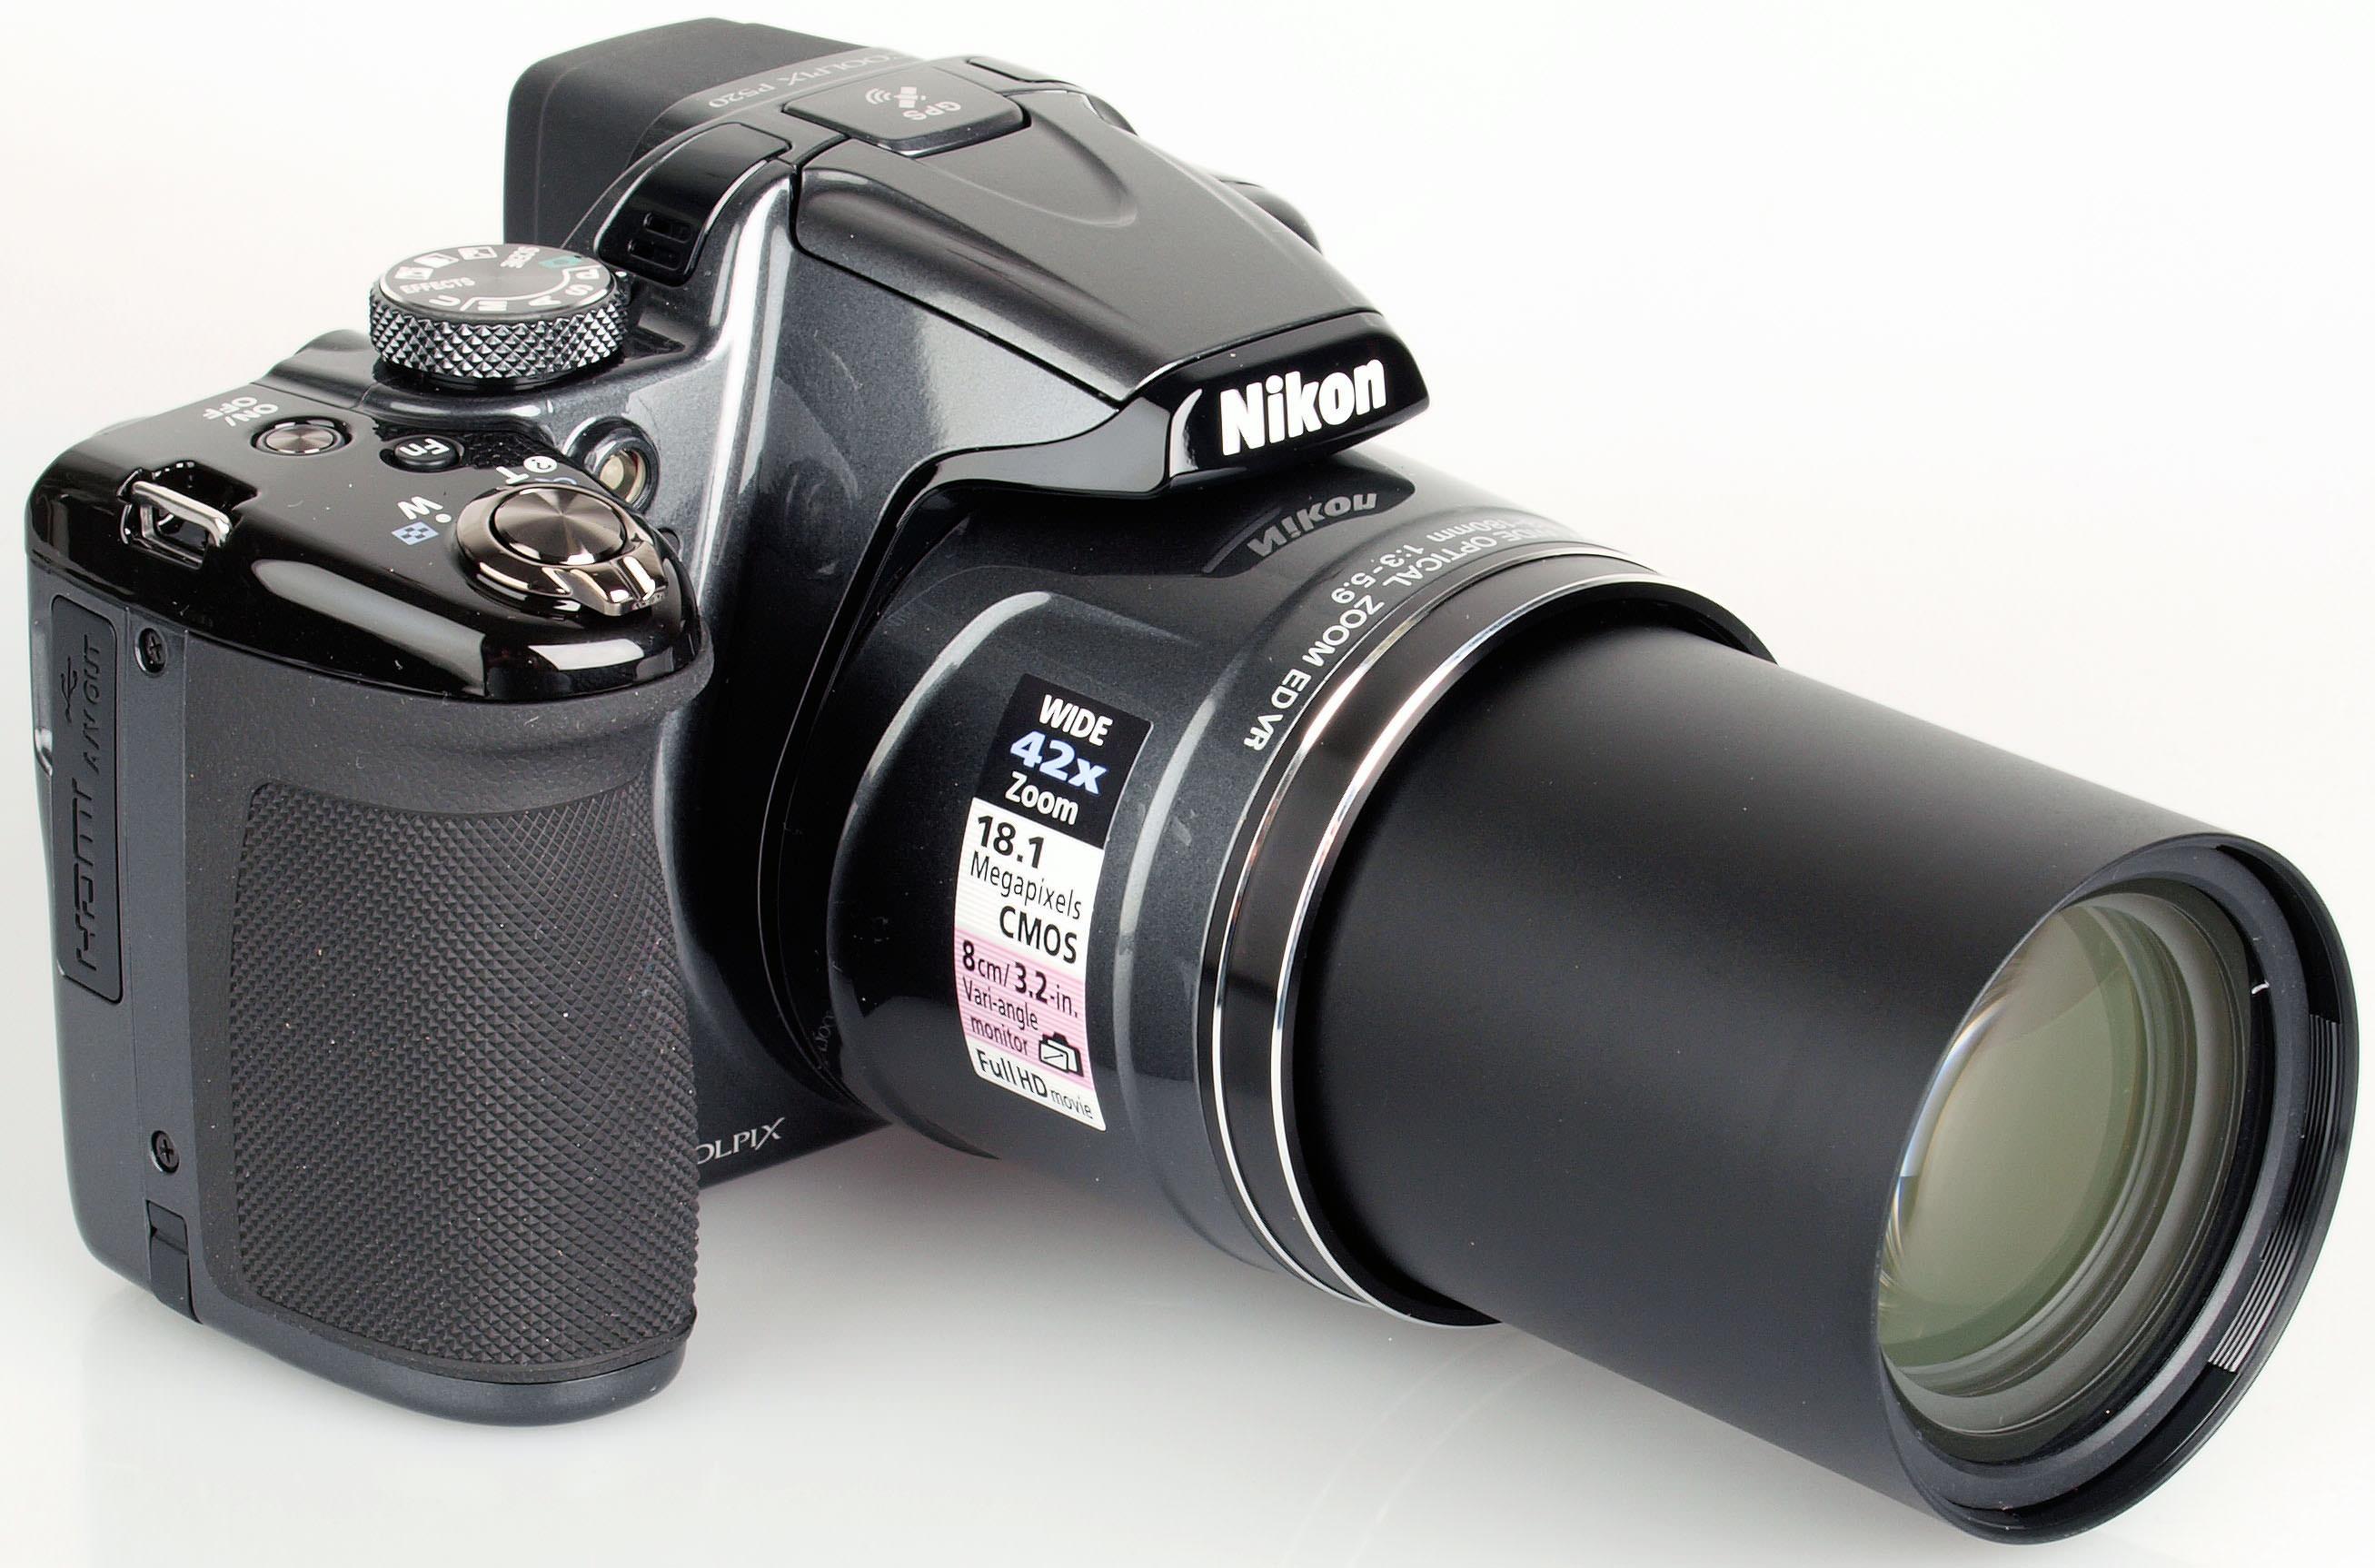 Nikon COOLPIX P520 Camera Last